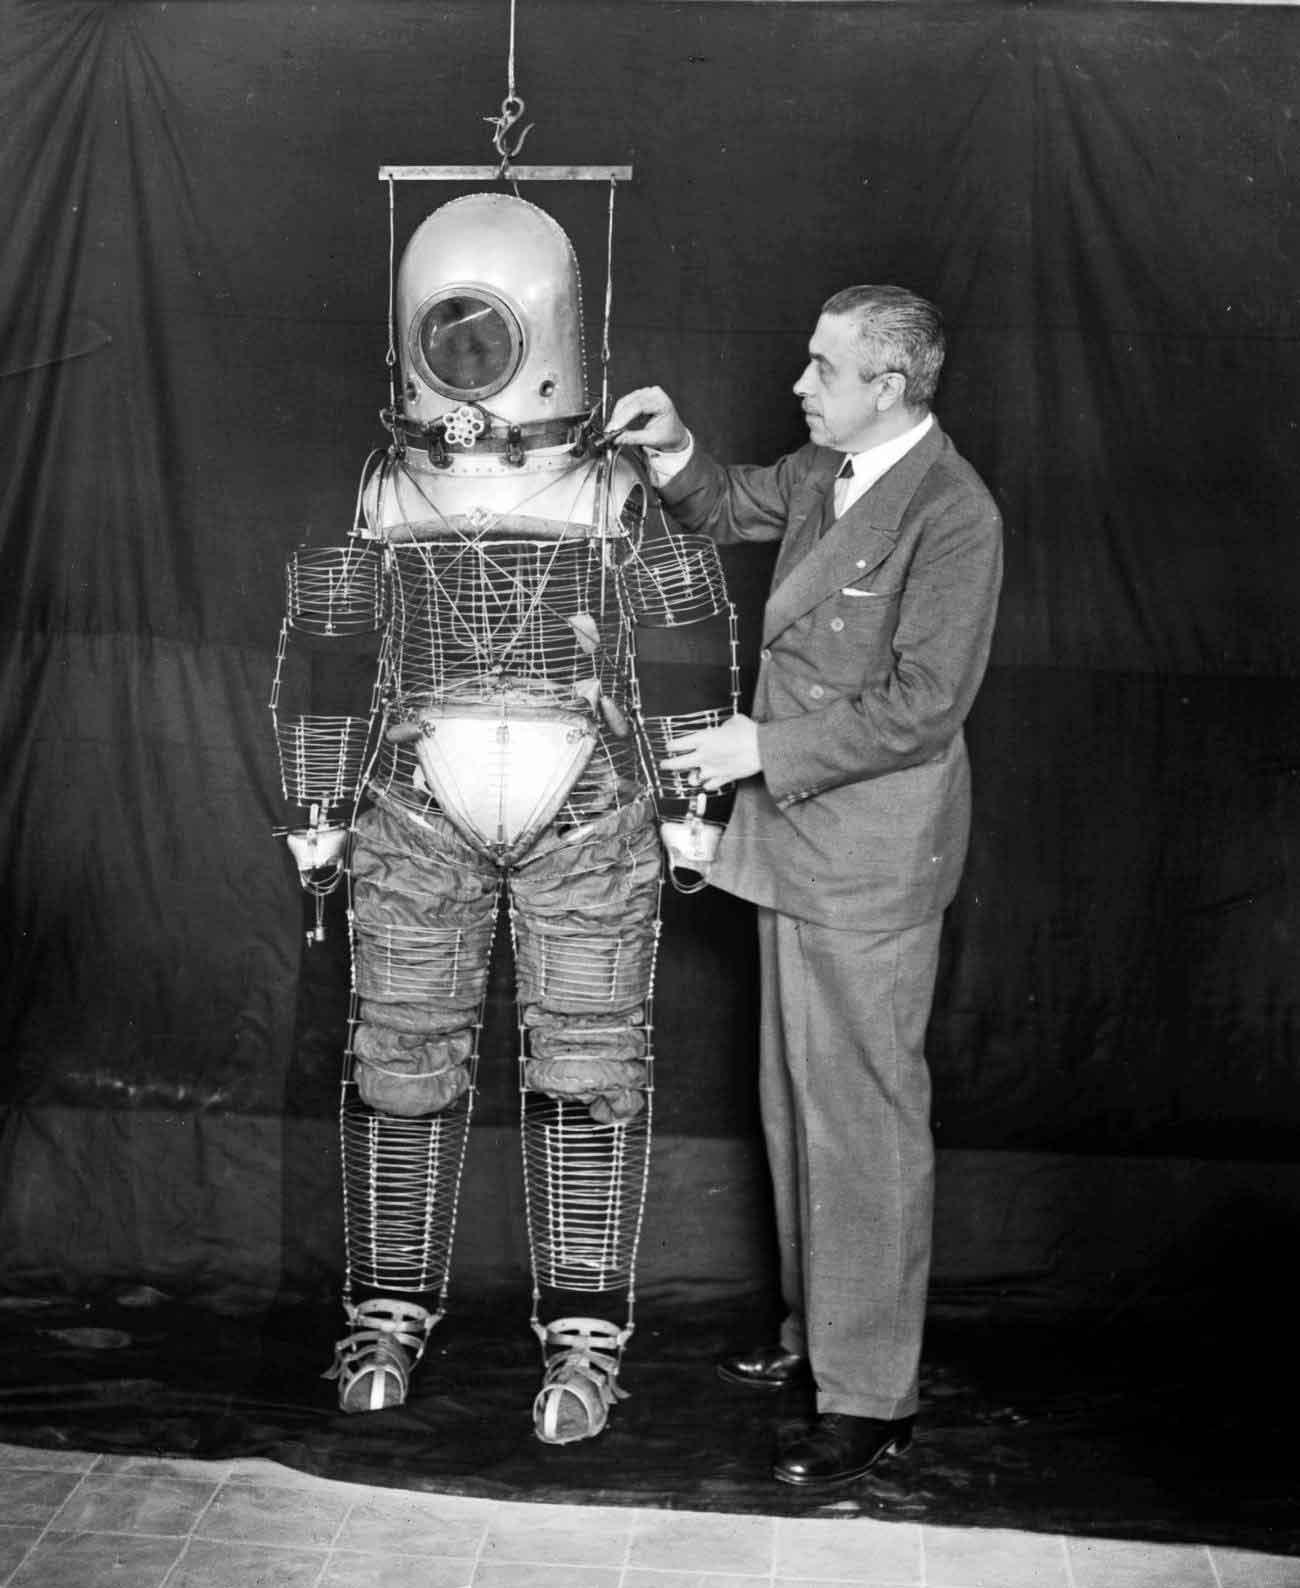 El ingeniero militar español Emilio Herrera mostrando su trabajo en el primer prototipo de traje espacial de la historia